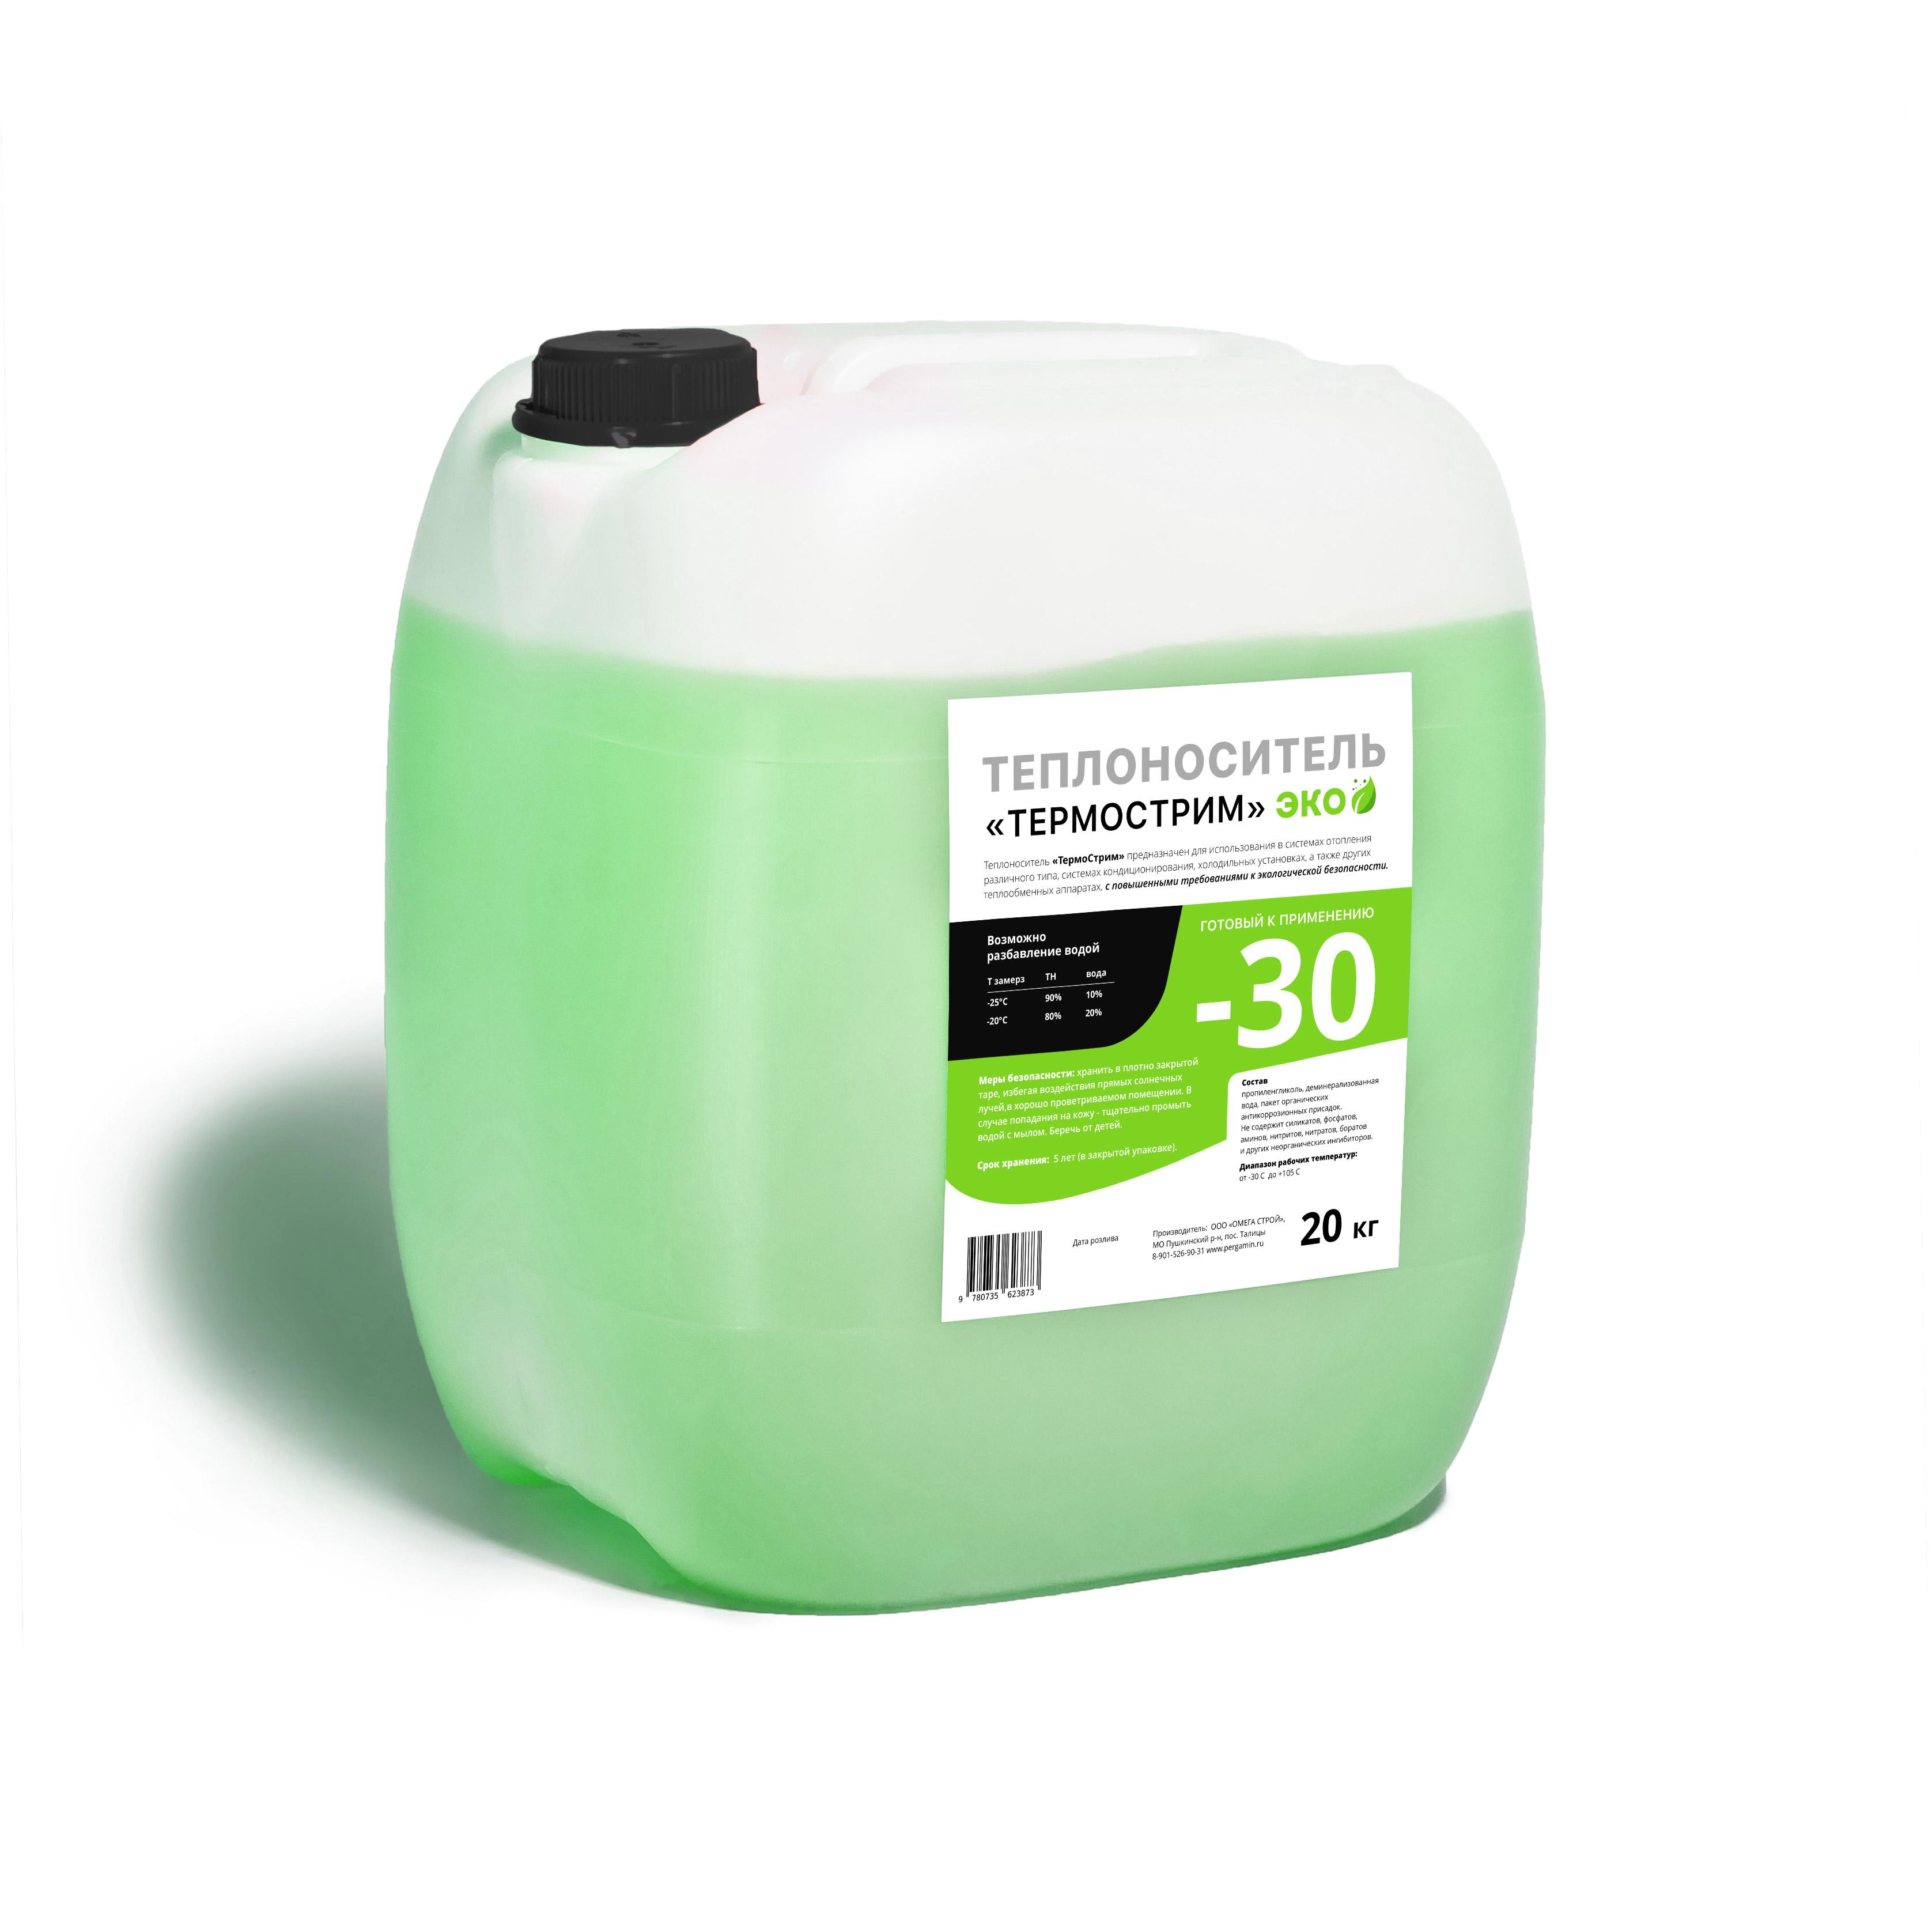 Термострим ЭКО, 20 кг